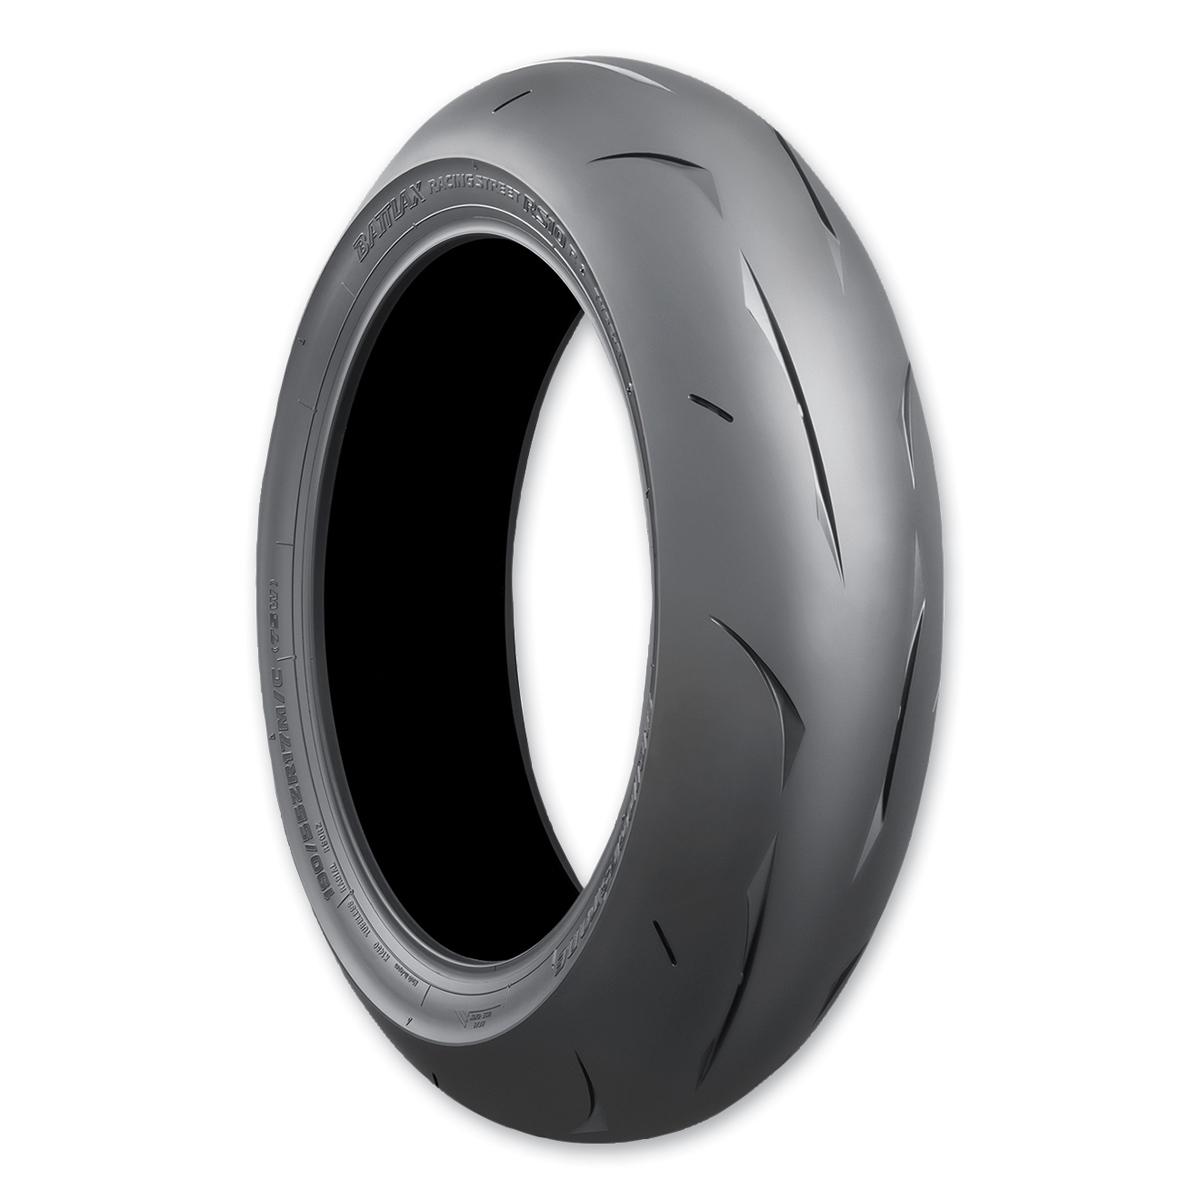 Bridgestone Battlax RS10-G 200/55ZR17 Rear Tire